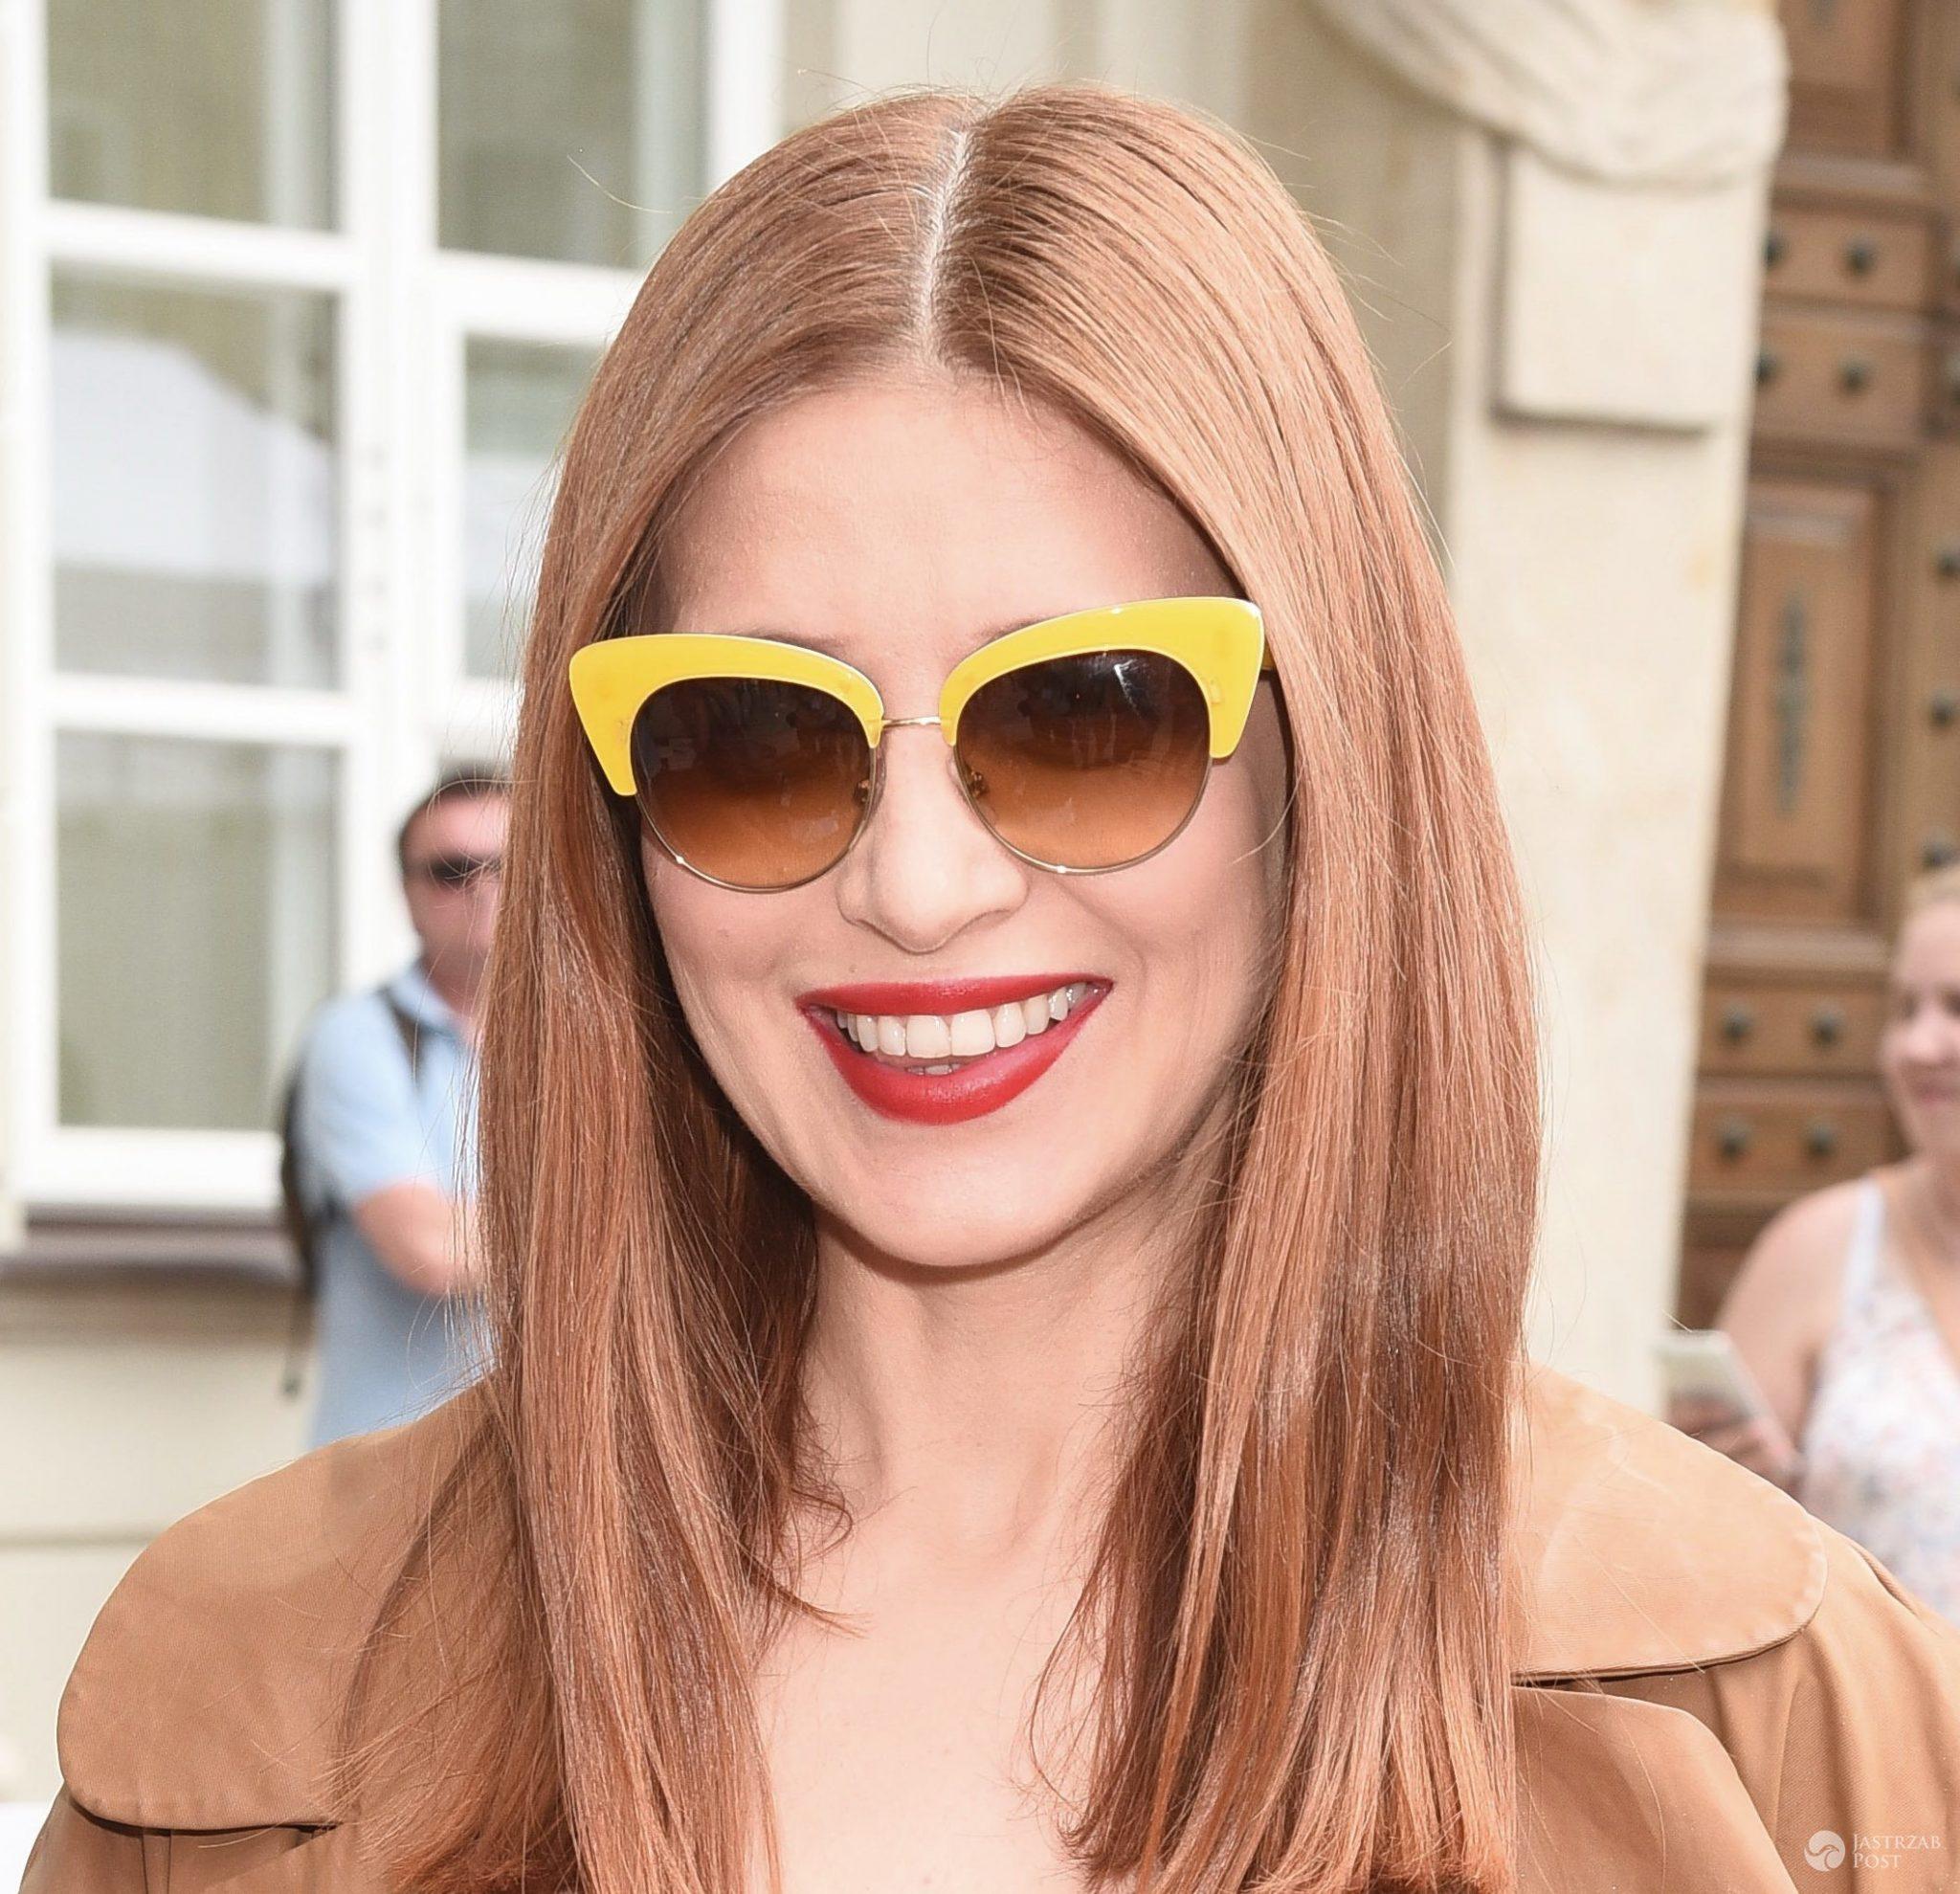 Hit na lato! Kocie okulary przeciwsłoneczne. Wiemy, jakich marek są te, które noszą gwiazdy - Okulary przeciwsłoneczne: Dolce & Gabbana. Ada Fijał (fot. ONS)